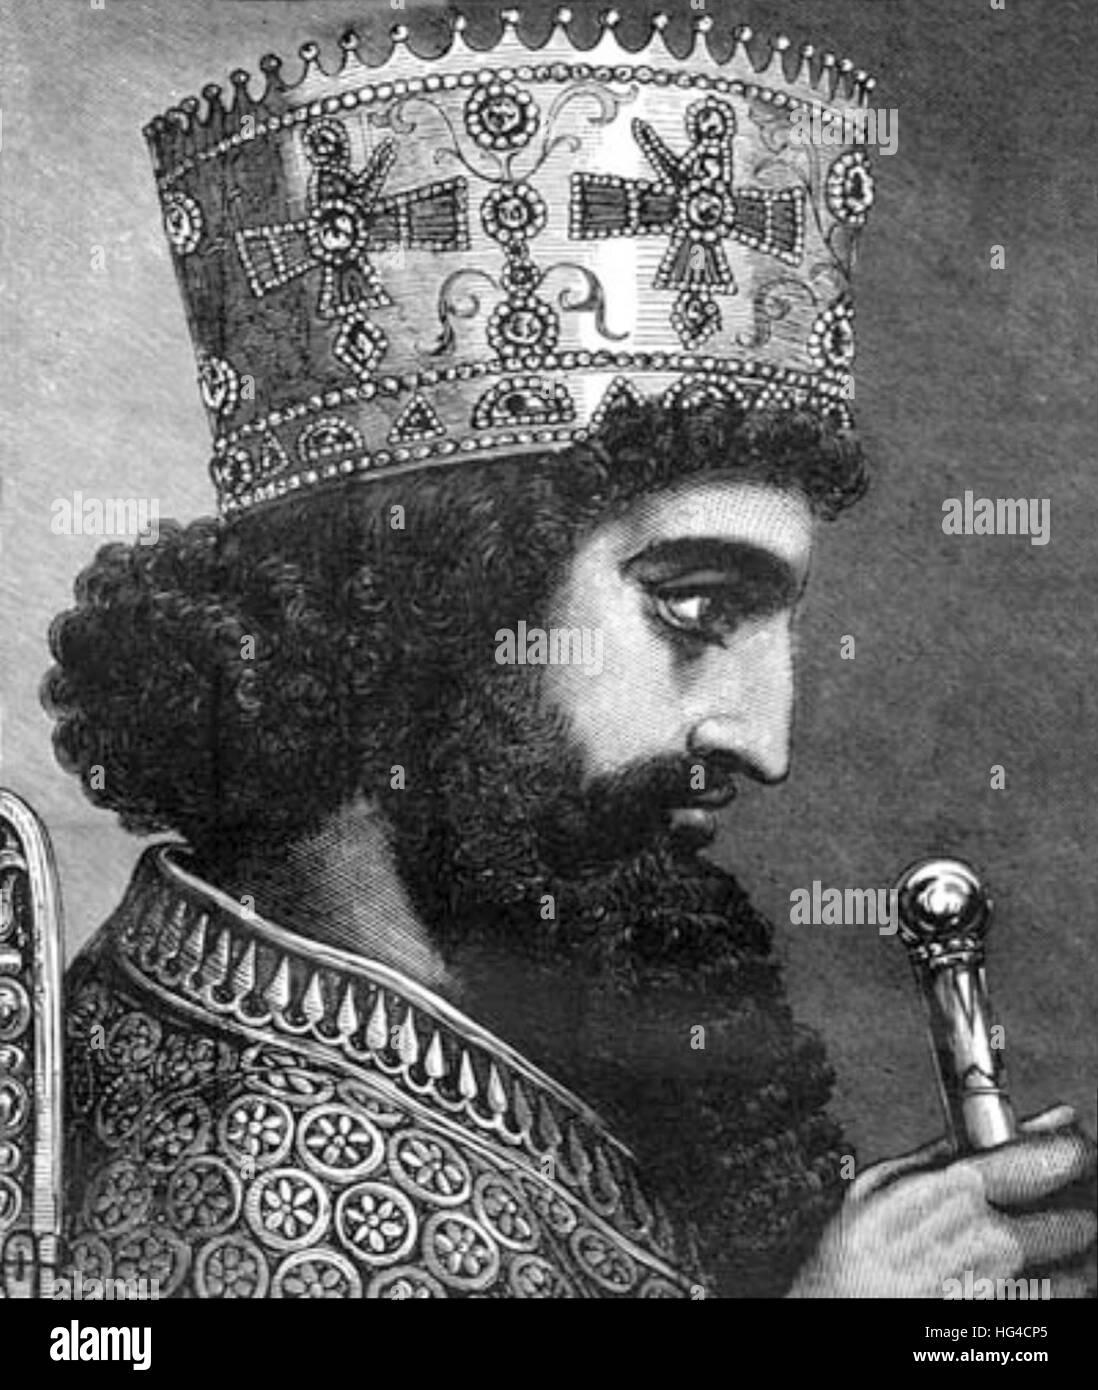 Xerxes, Xerxes I, King of Persia - Stock Image